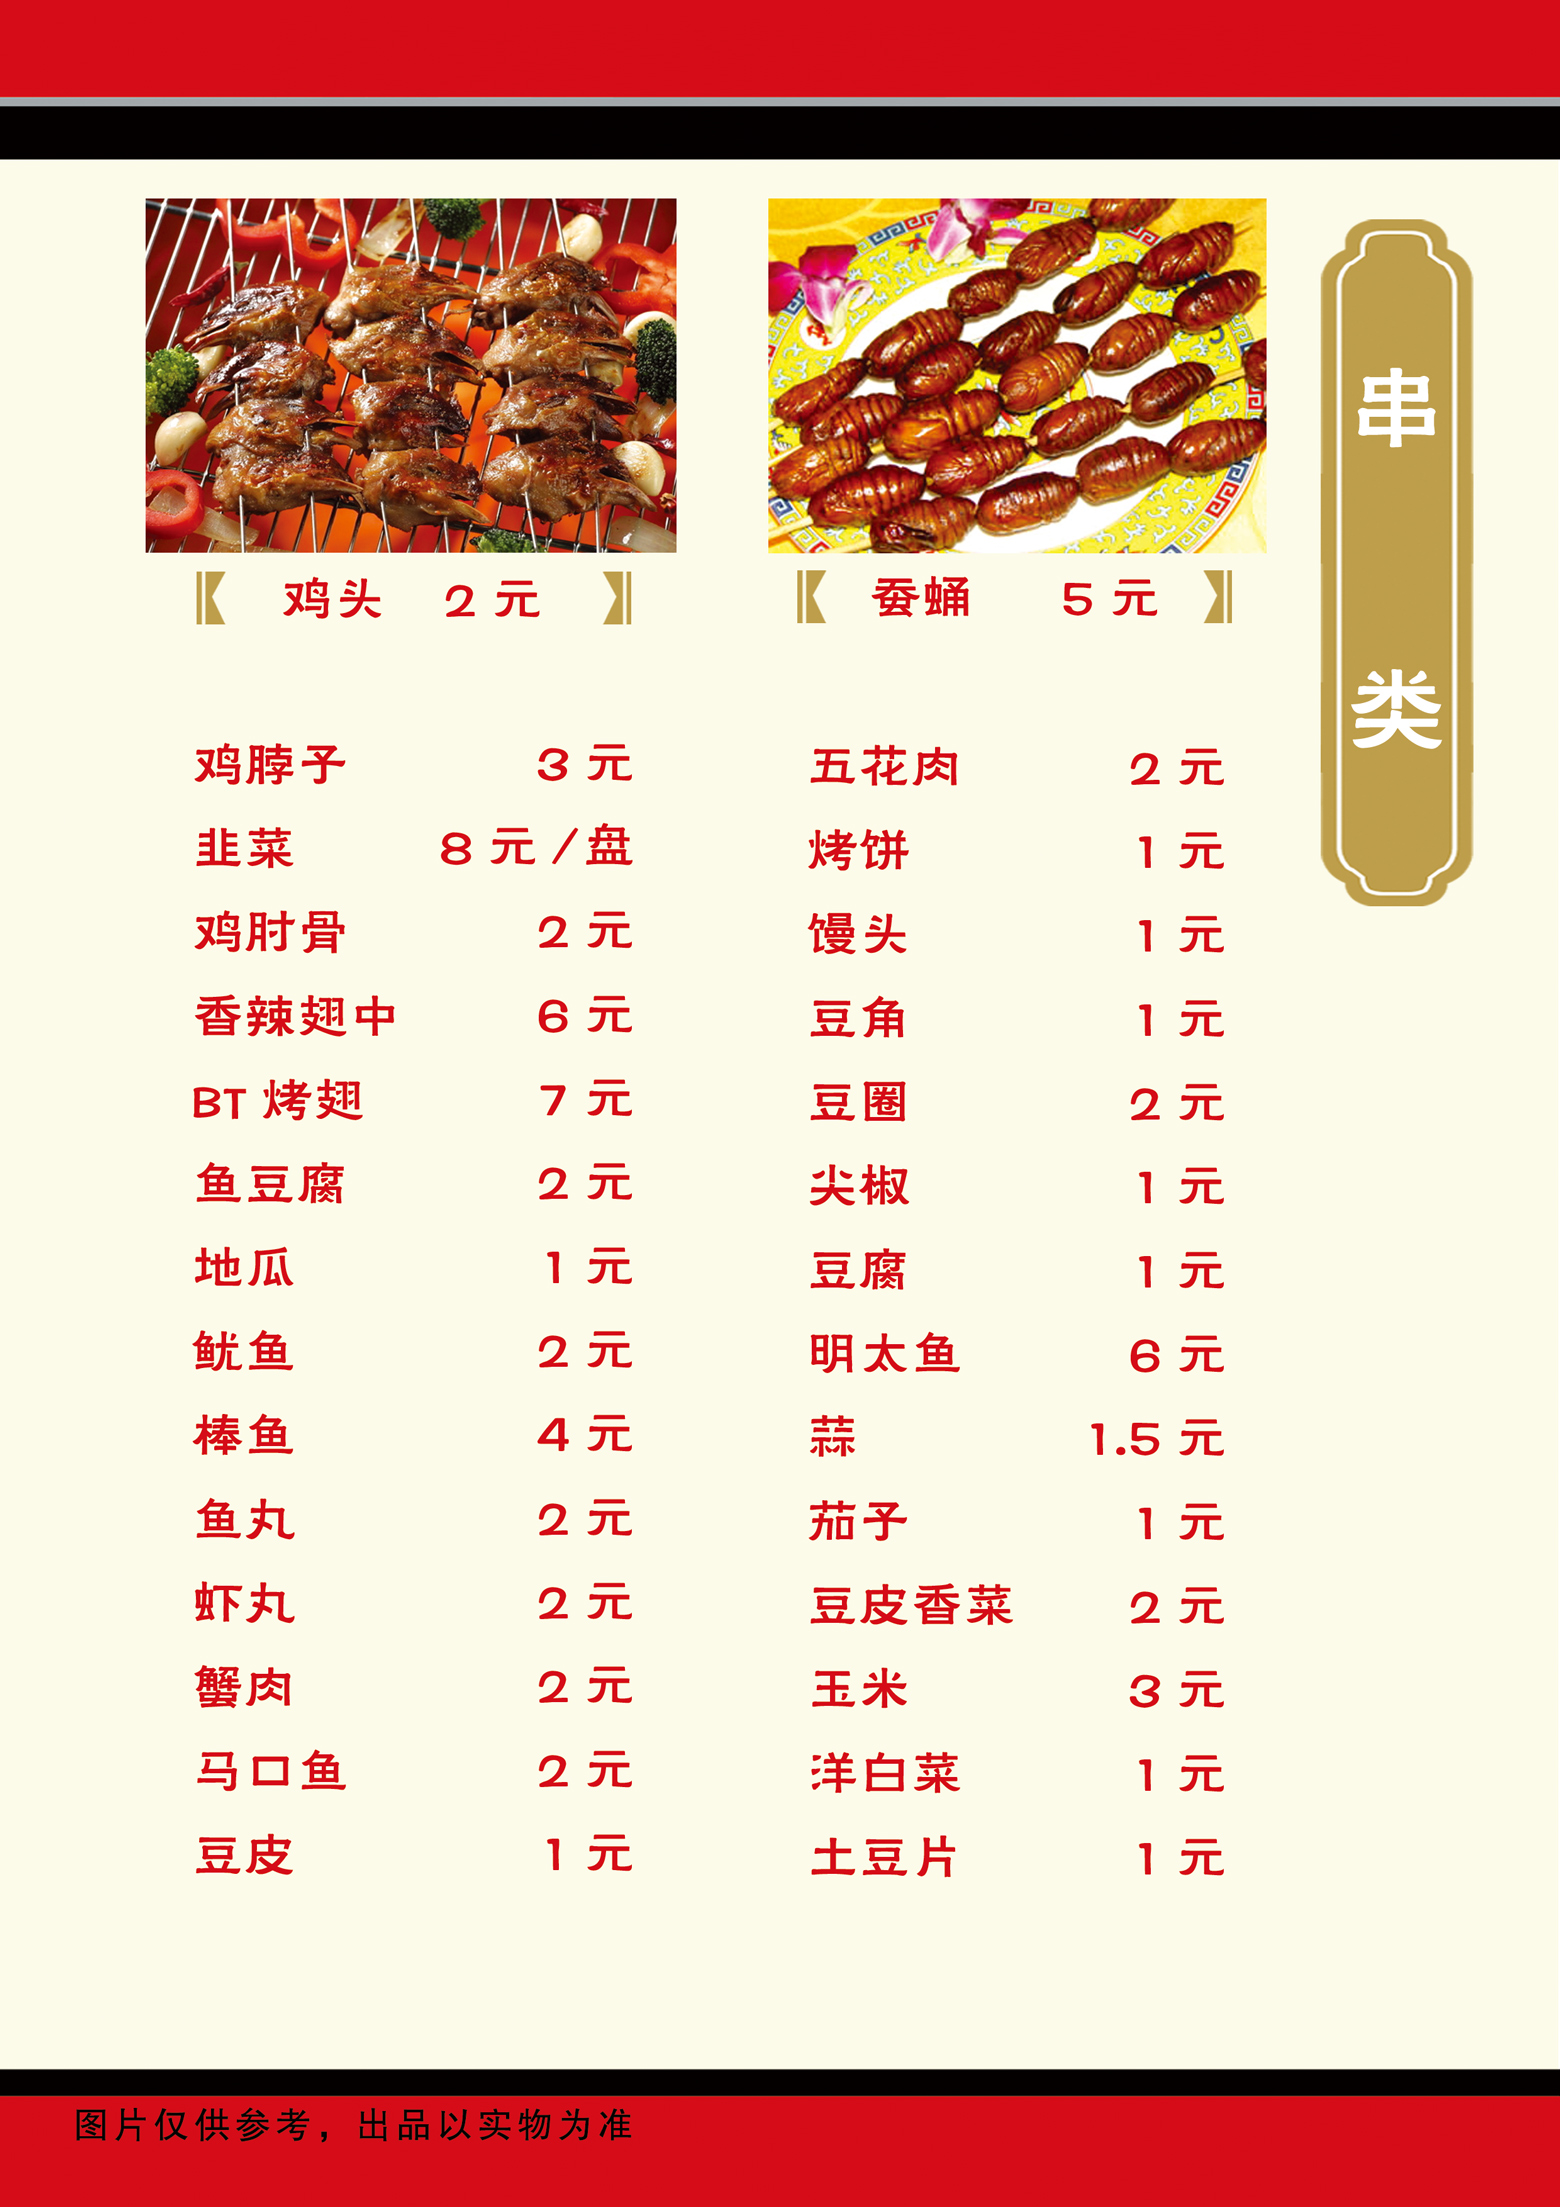 13菜谱册烧烤店 烧烤店菜单